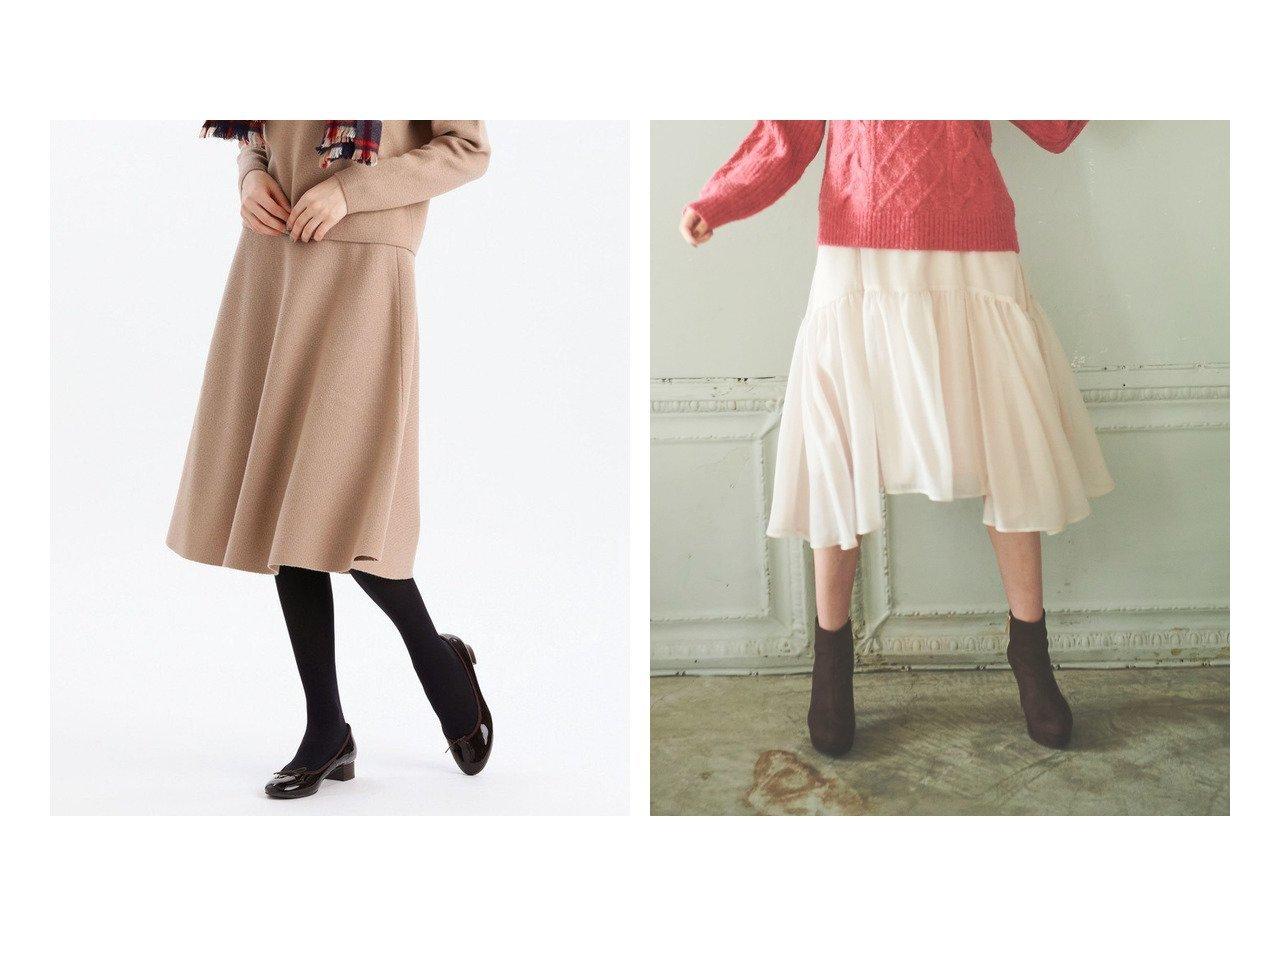 【MACKINTOSH PHILOSOPHY/マッキントッシュ フィロソフィー】のフレアニットスカート&【31 Sons de mode/トランテアン ソン ドゥ モード】のエアリーフレアスカート スカートのおすすめ!人気、レディースファッションの通販  おすすめで人気のファッション通販商品 インテリア・家具・キッズファッション・メンズファッション・レディースファッション・服の通販 founy(ファニー) https://founy.com/ ファッション Fashion レディース WOMEN スカート Skirt Aライン/フレアスカート Flared A-Line Skirts フレア イエロー イレギュラーヘム ギャザー シフォン シンプル スニーカー トレーナー パーカー フェミニン フレアースカート ライダース ラベンダー 冬 Winter  ID:crp329100000004027